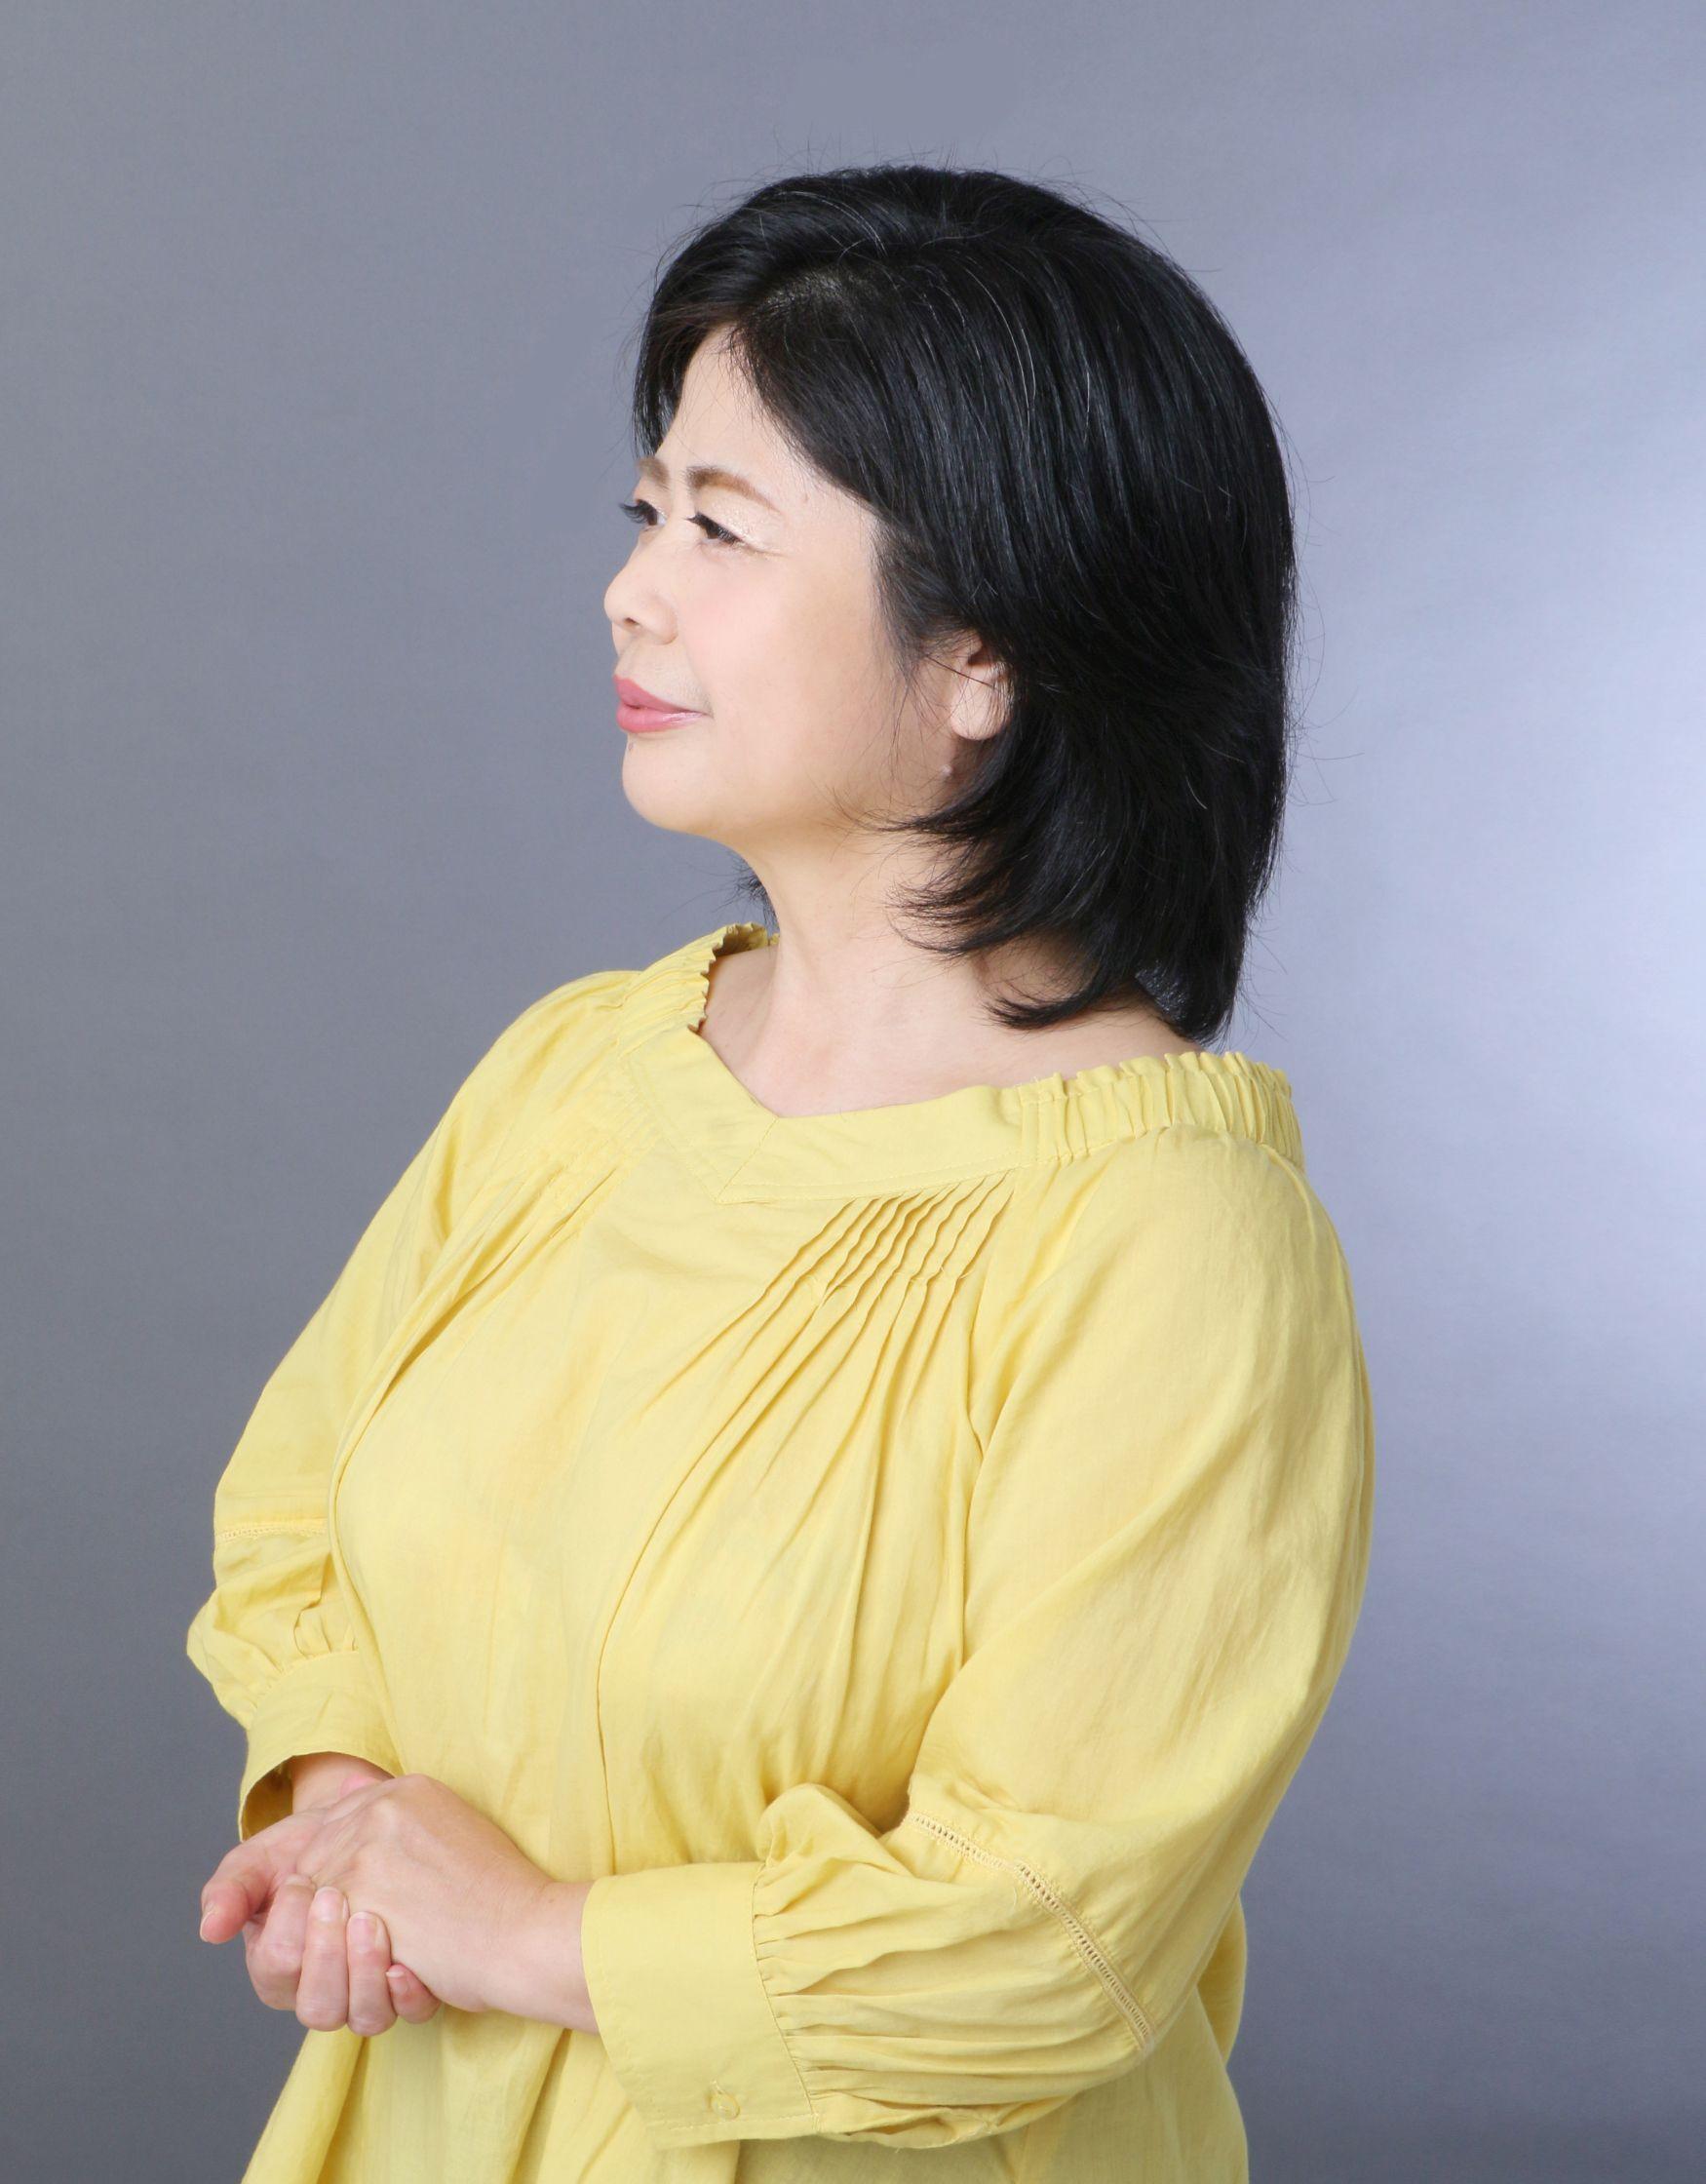 輪迦(りんか)